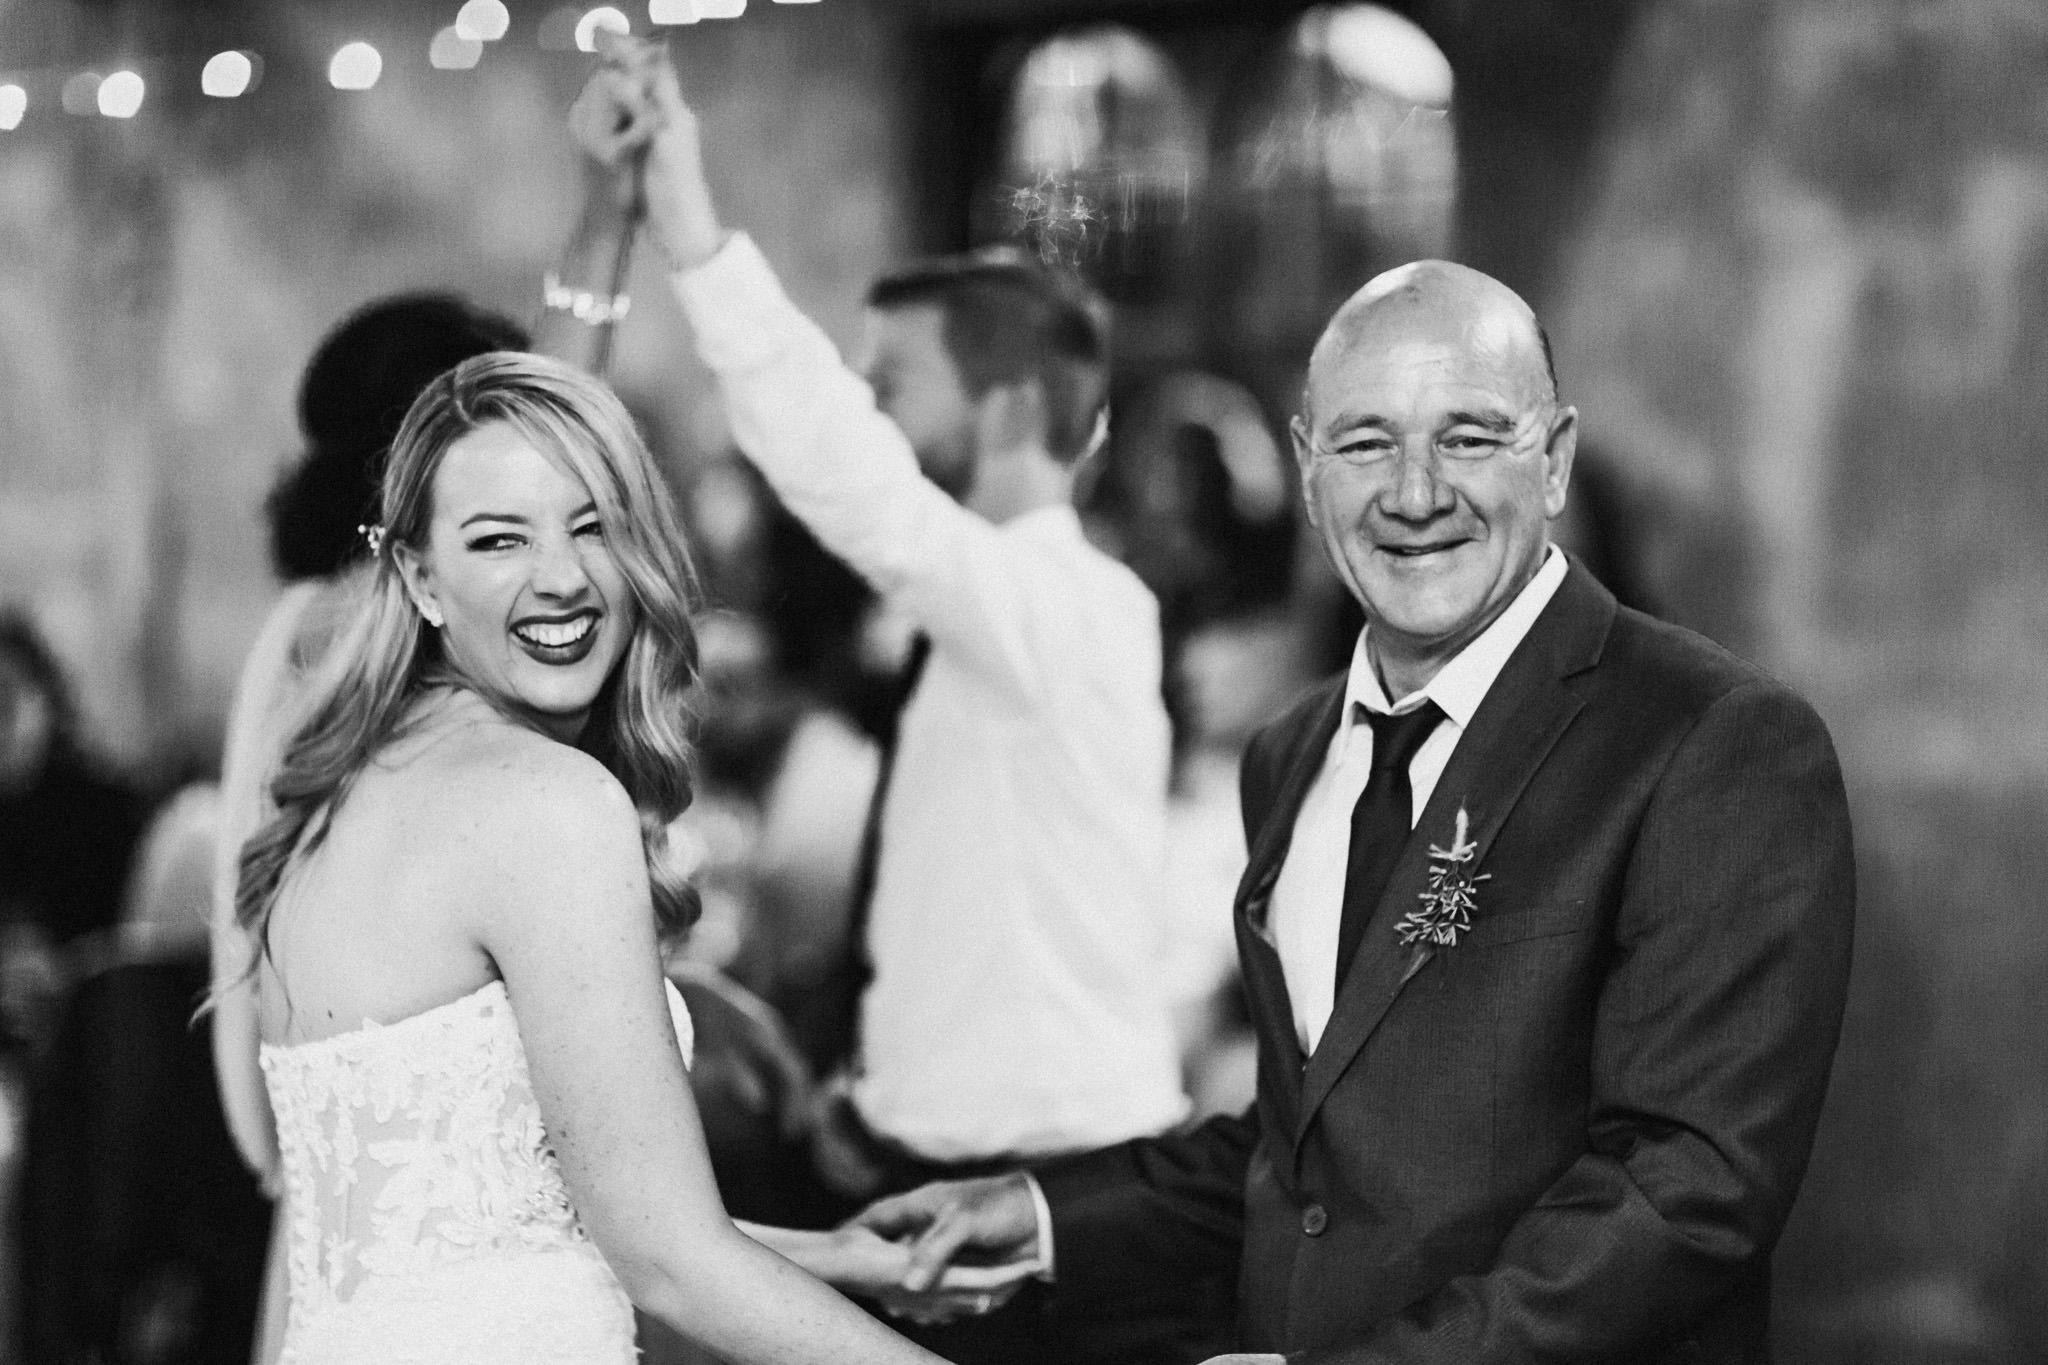 WeddingPhotos_Facebook_2048pixels-1160.jpg